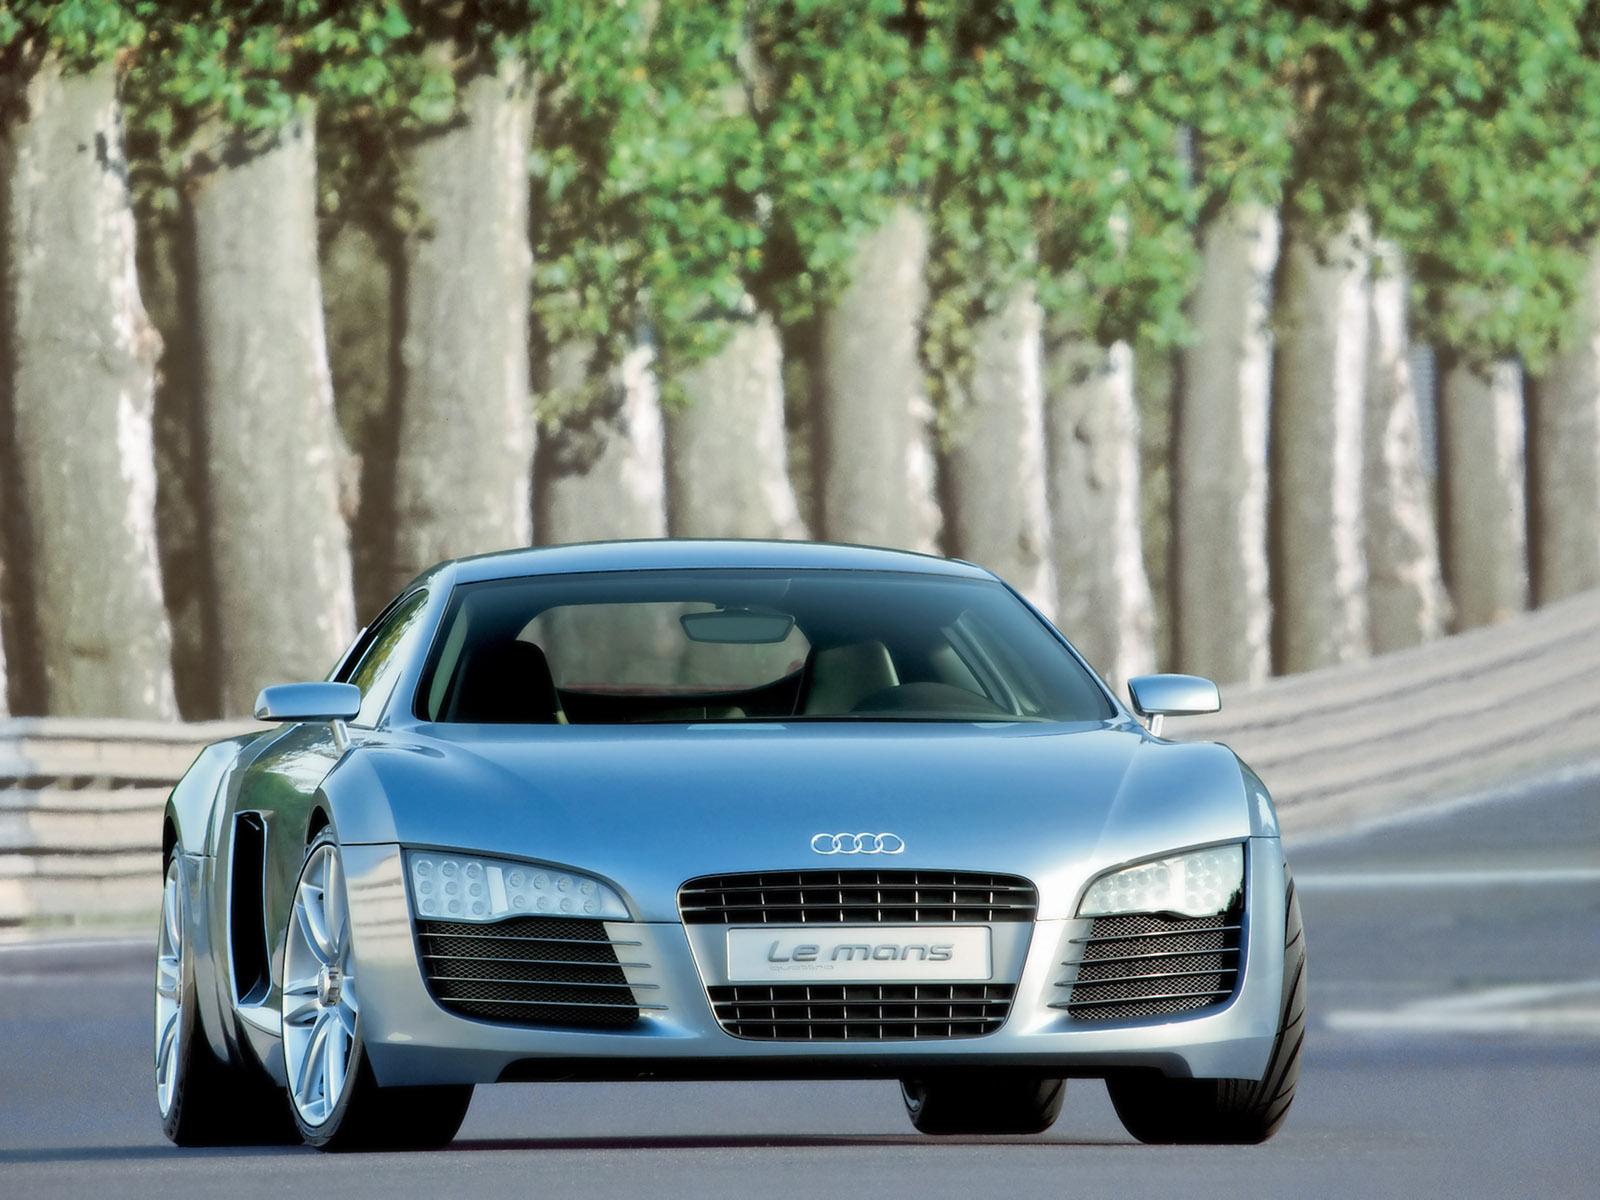 Audi Le Mans Quattro Concept   Front   1600x1200 Wallpaper 1600x1200